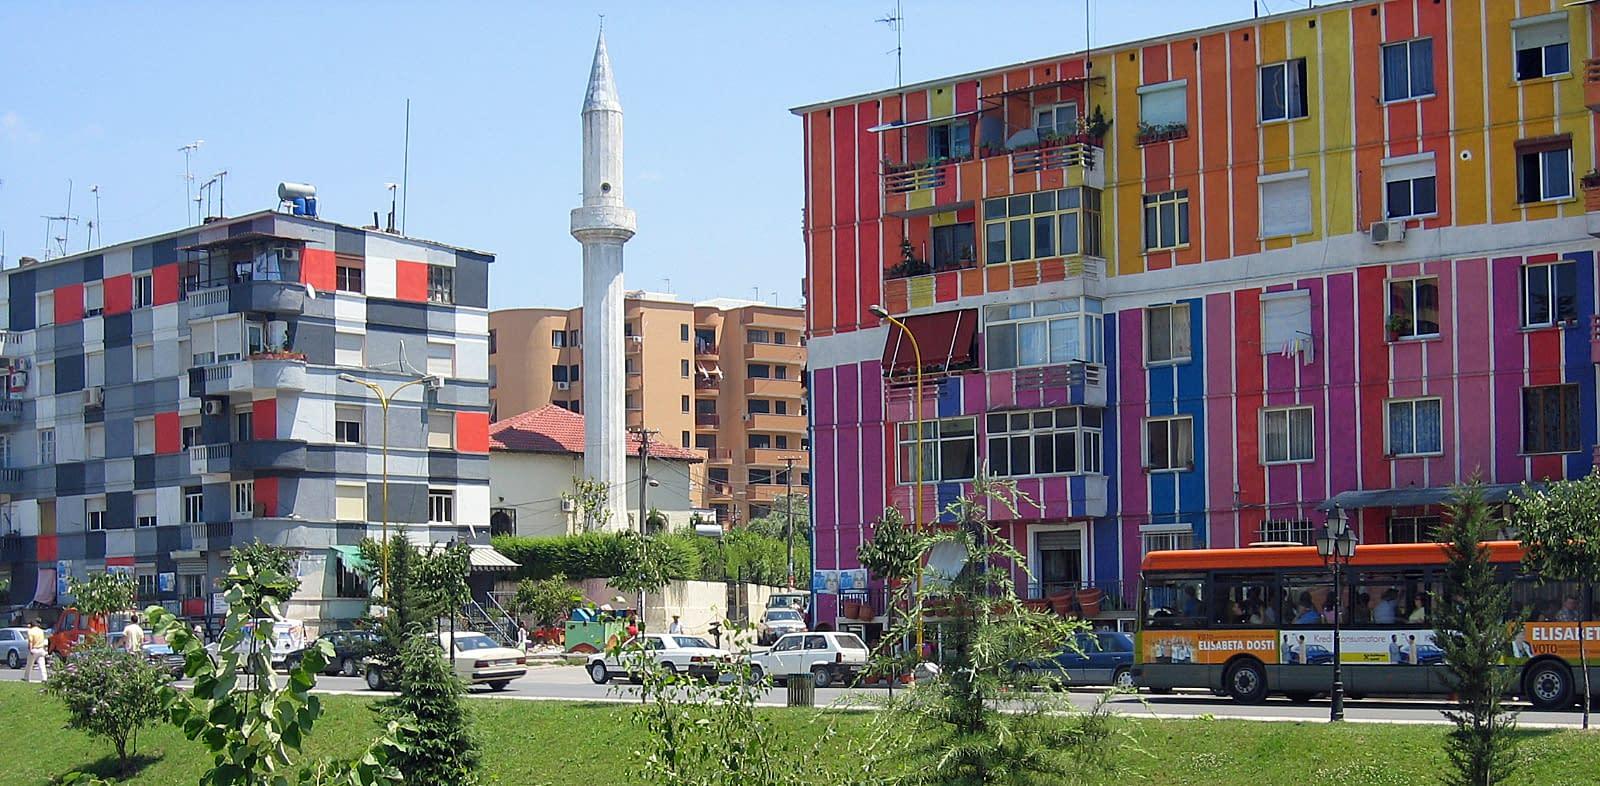 tirana_-_colourful_houses_at_lana